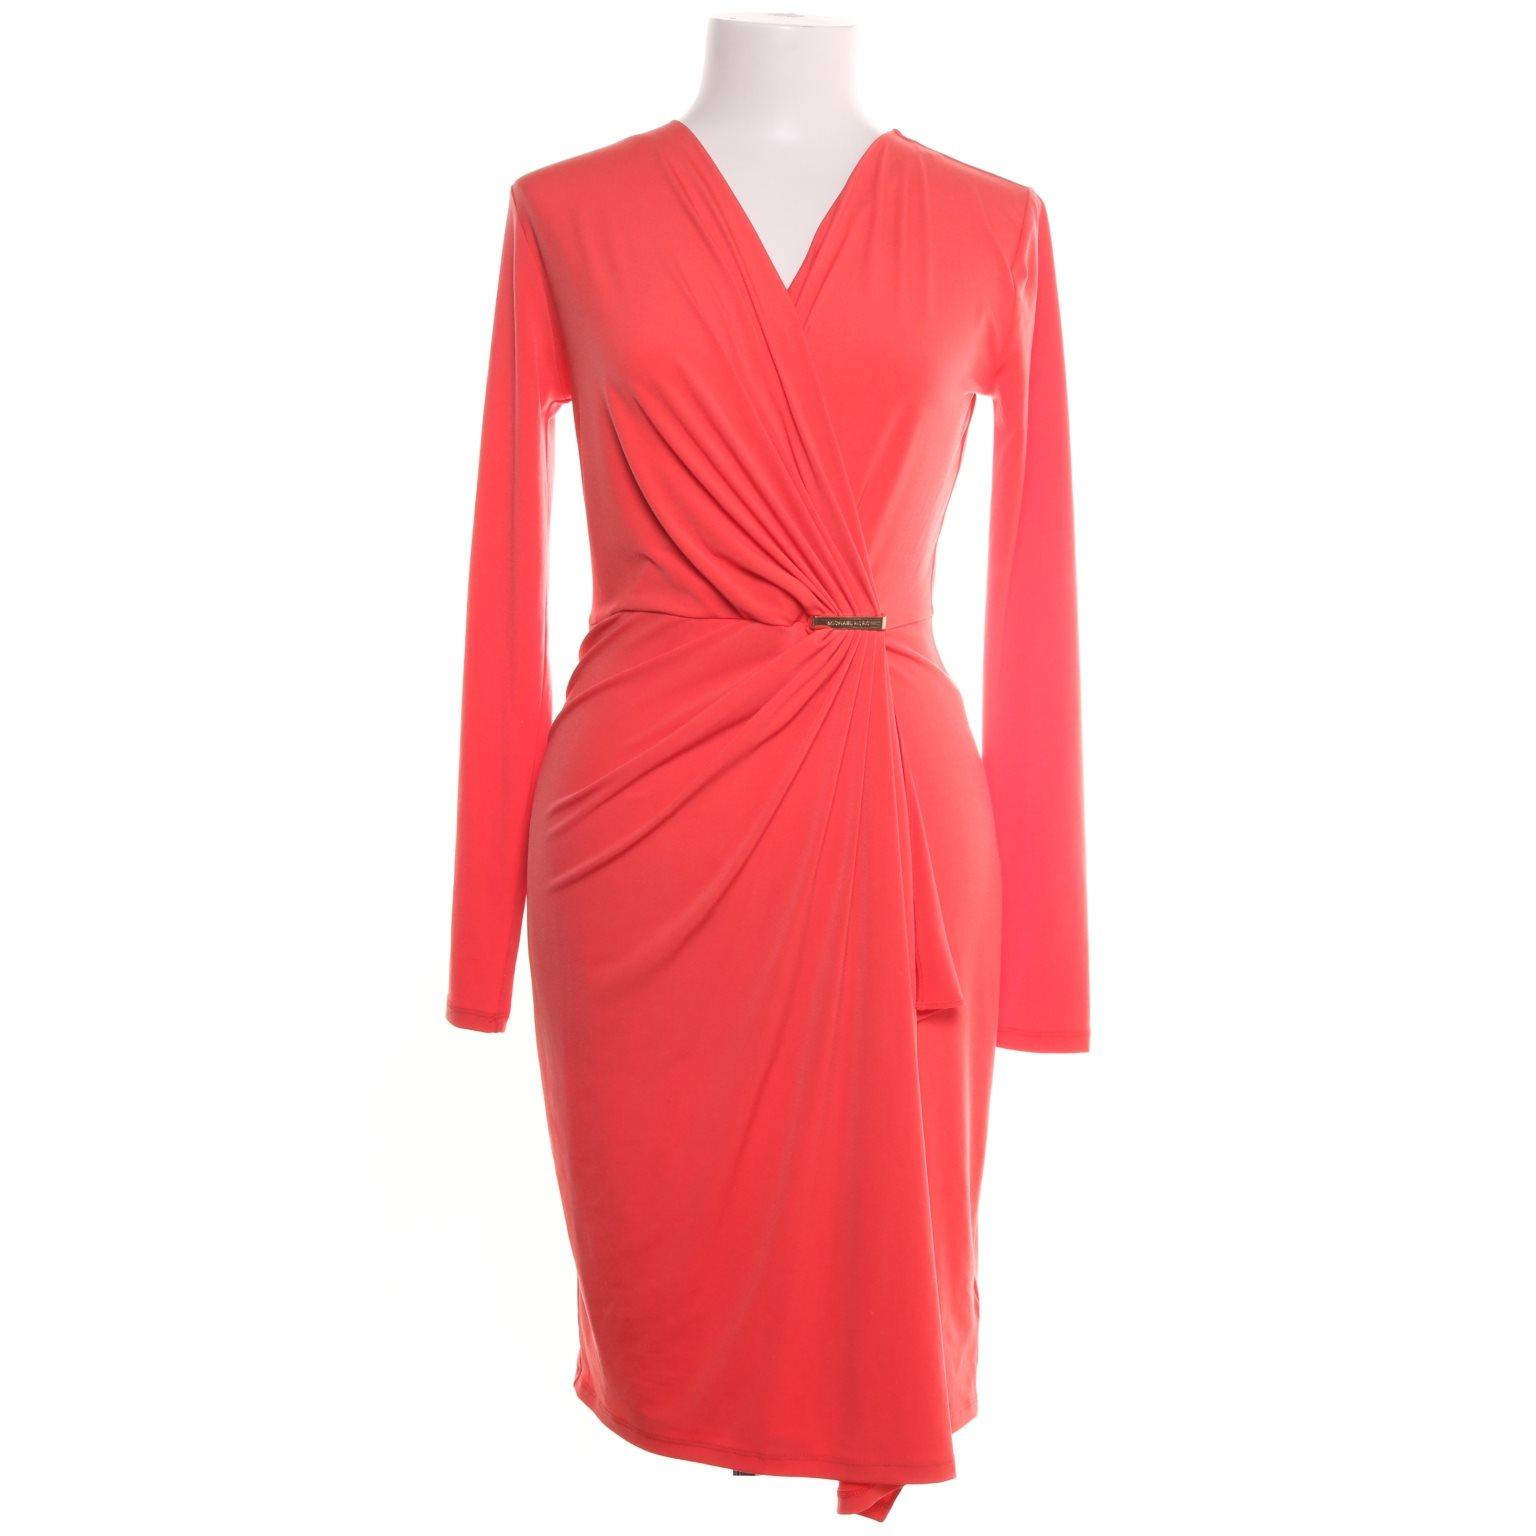 michael kors röd klänning